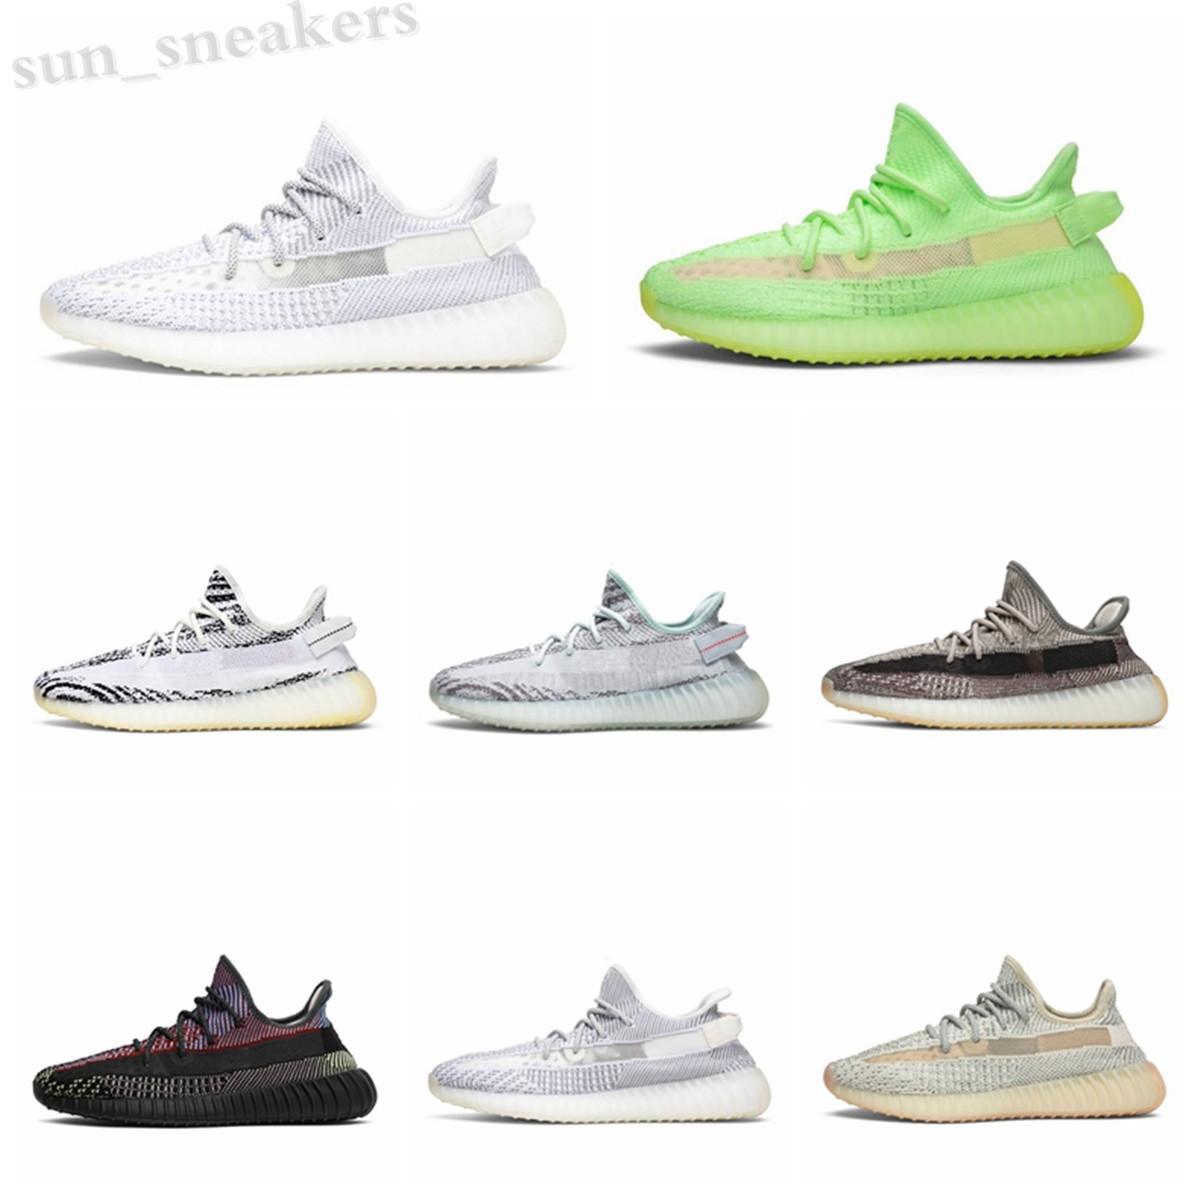 Tereyağı Susame 35 V2 Statik Erkek Ayakkabı Erkek Ayakkabı Sneakers Mavi Renk Tonu Üçlü Beyaz Bayan Ayakkabı Zebre Bred Eğitmenler Boyutu36-45 RG06